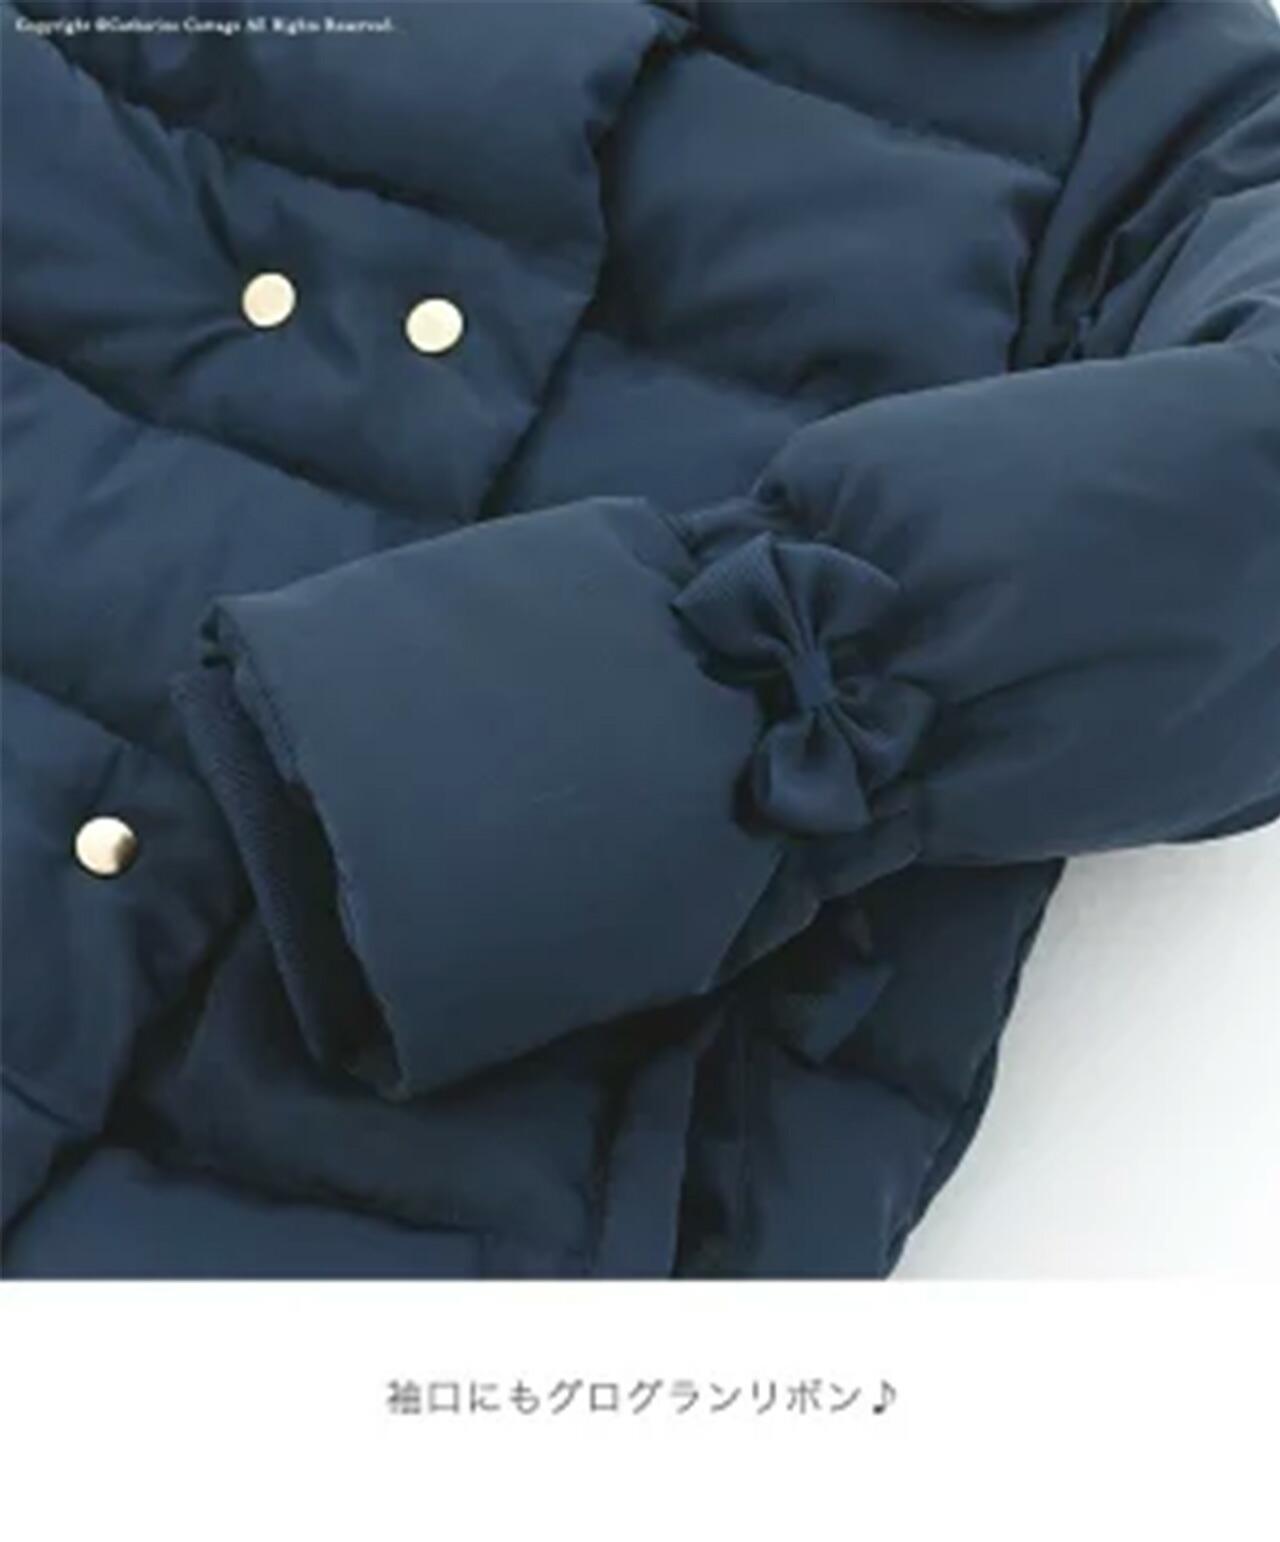 ダウンコート 紺色 女の子